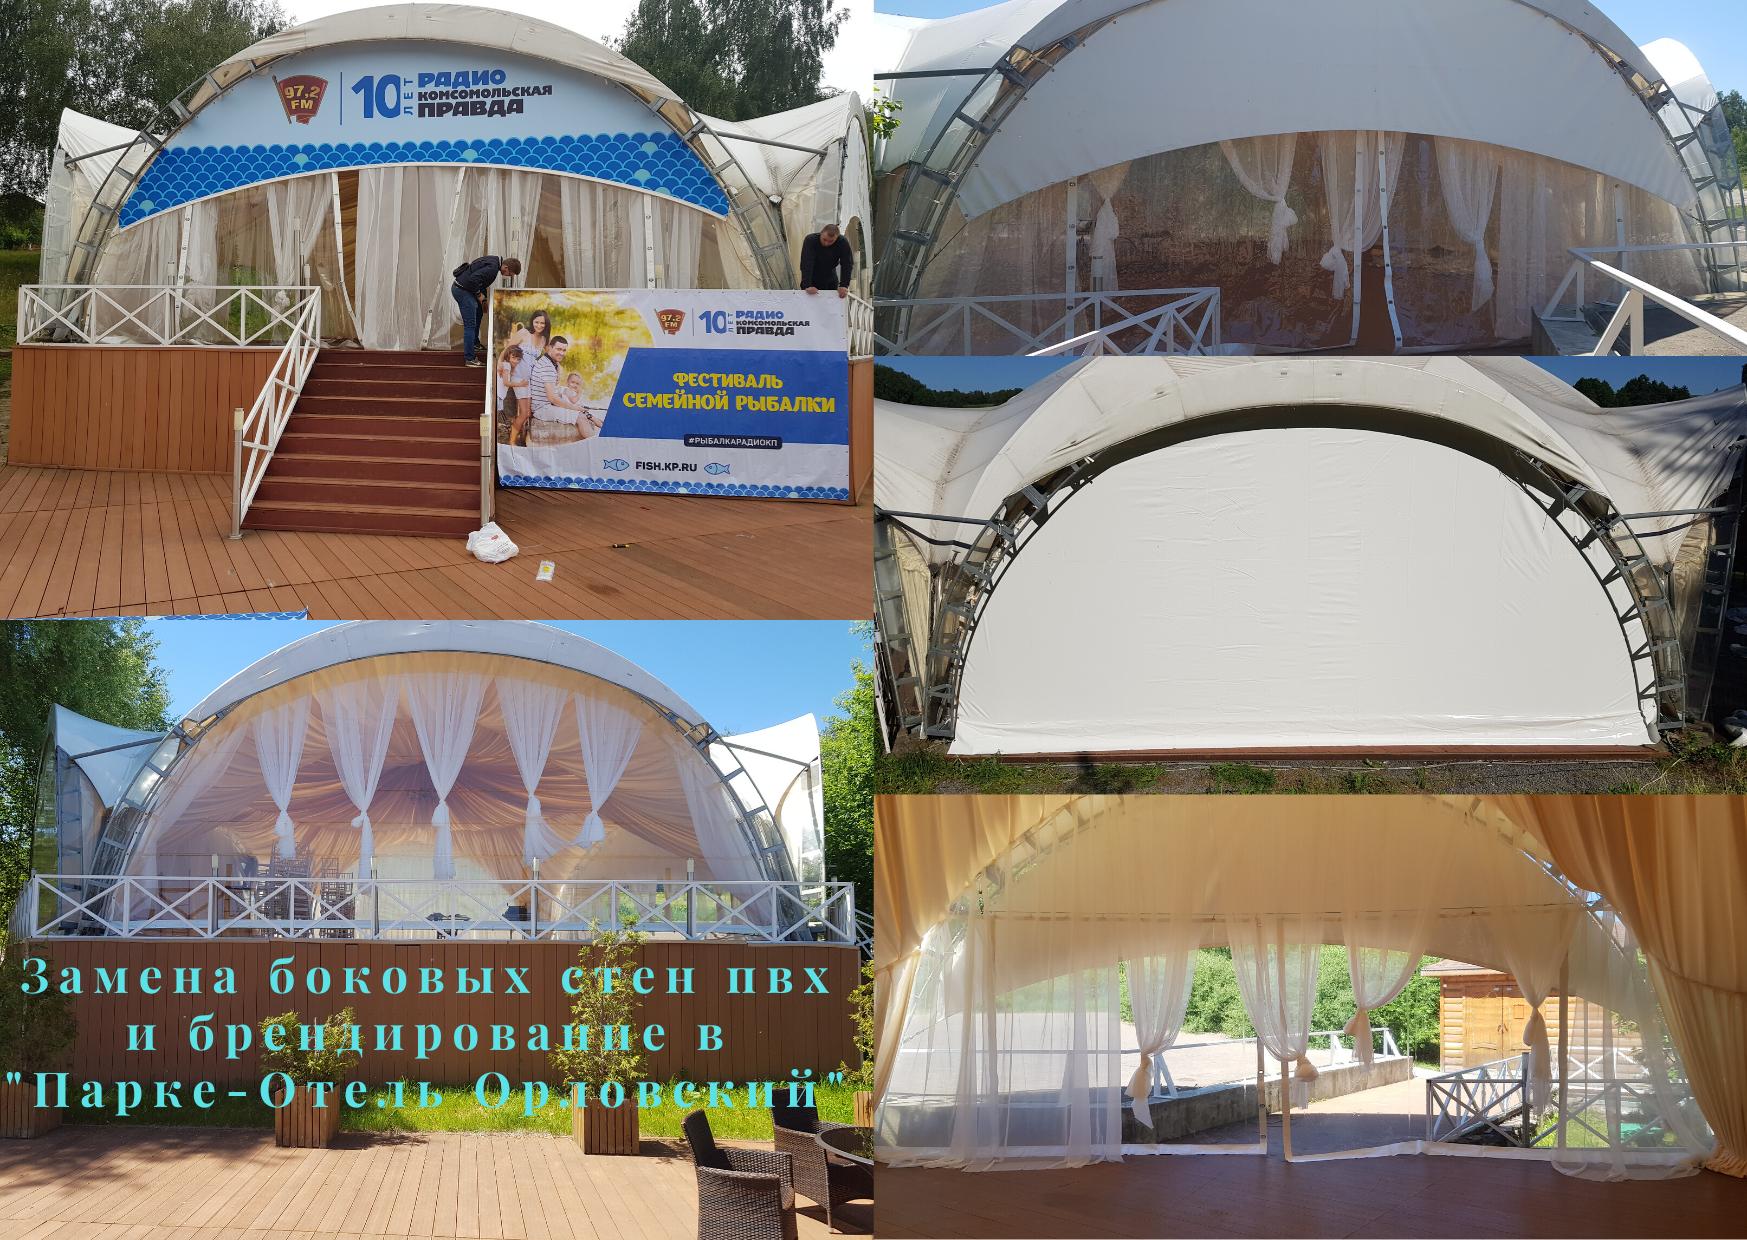 Проект FirstTent замена боковых стен пвх и брендирование в парке-отель орловский